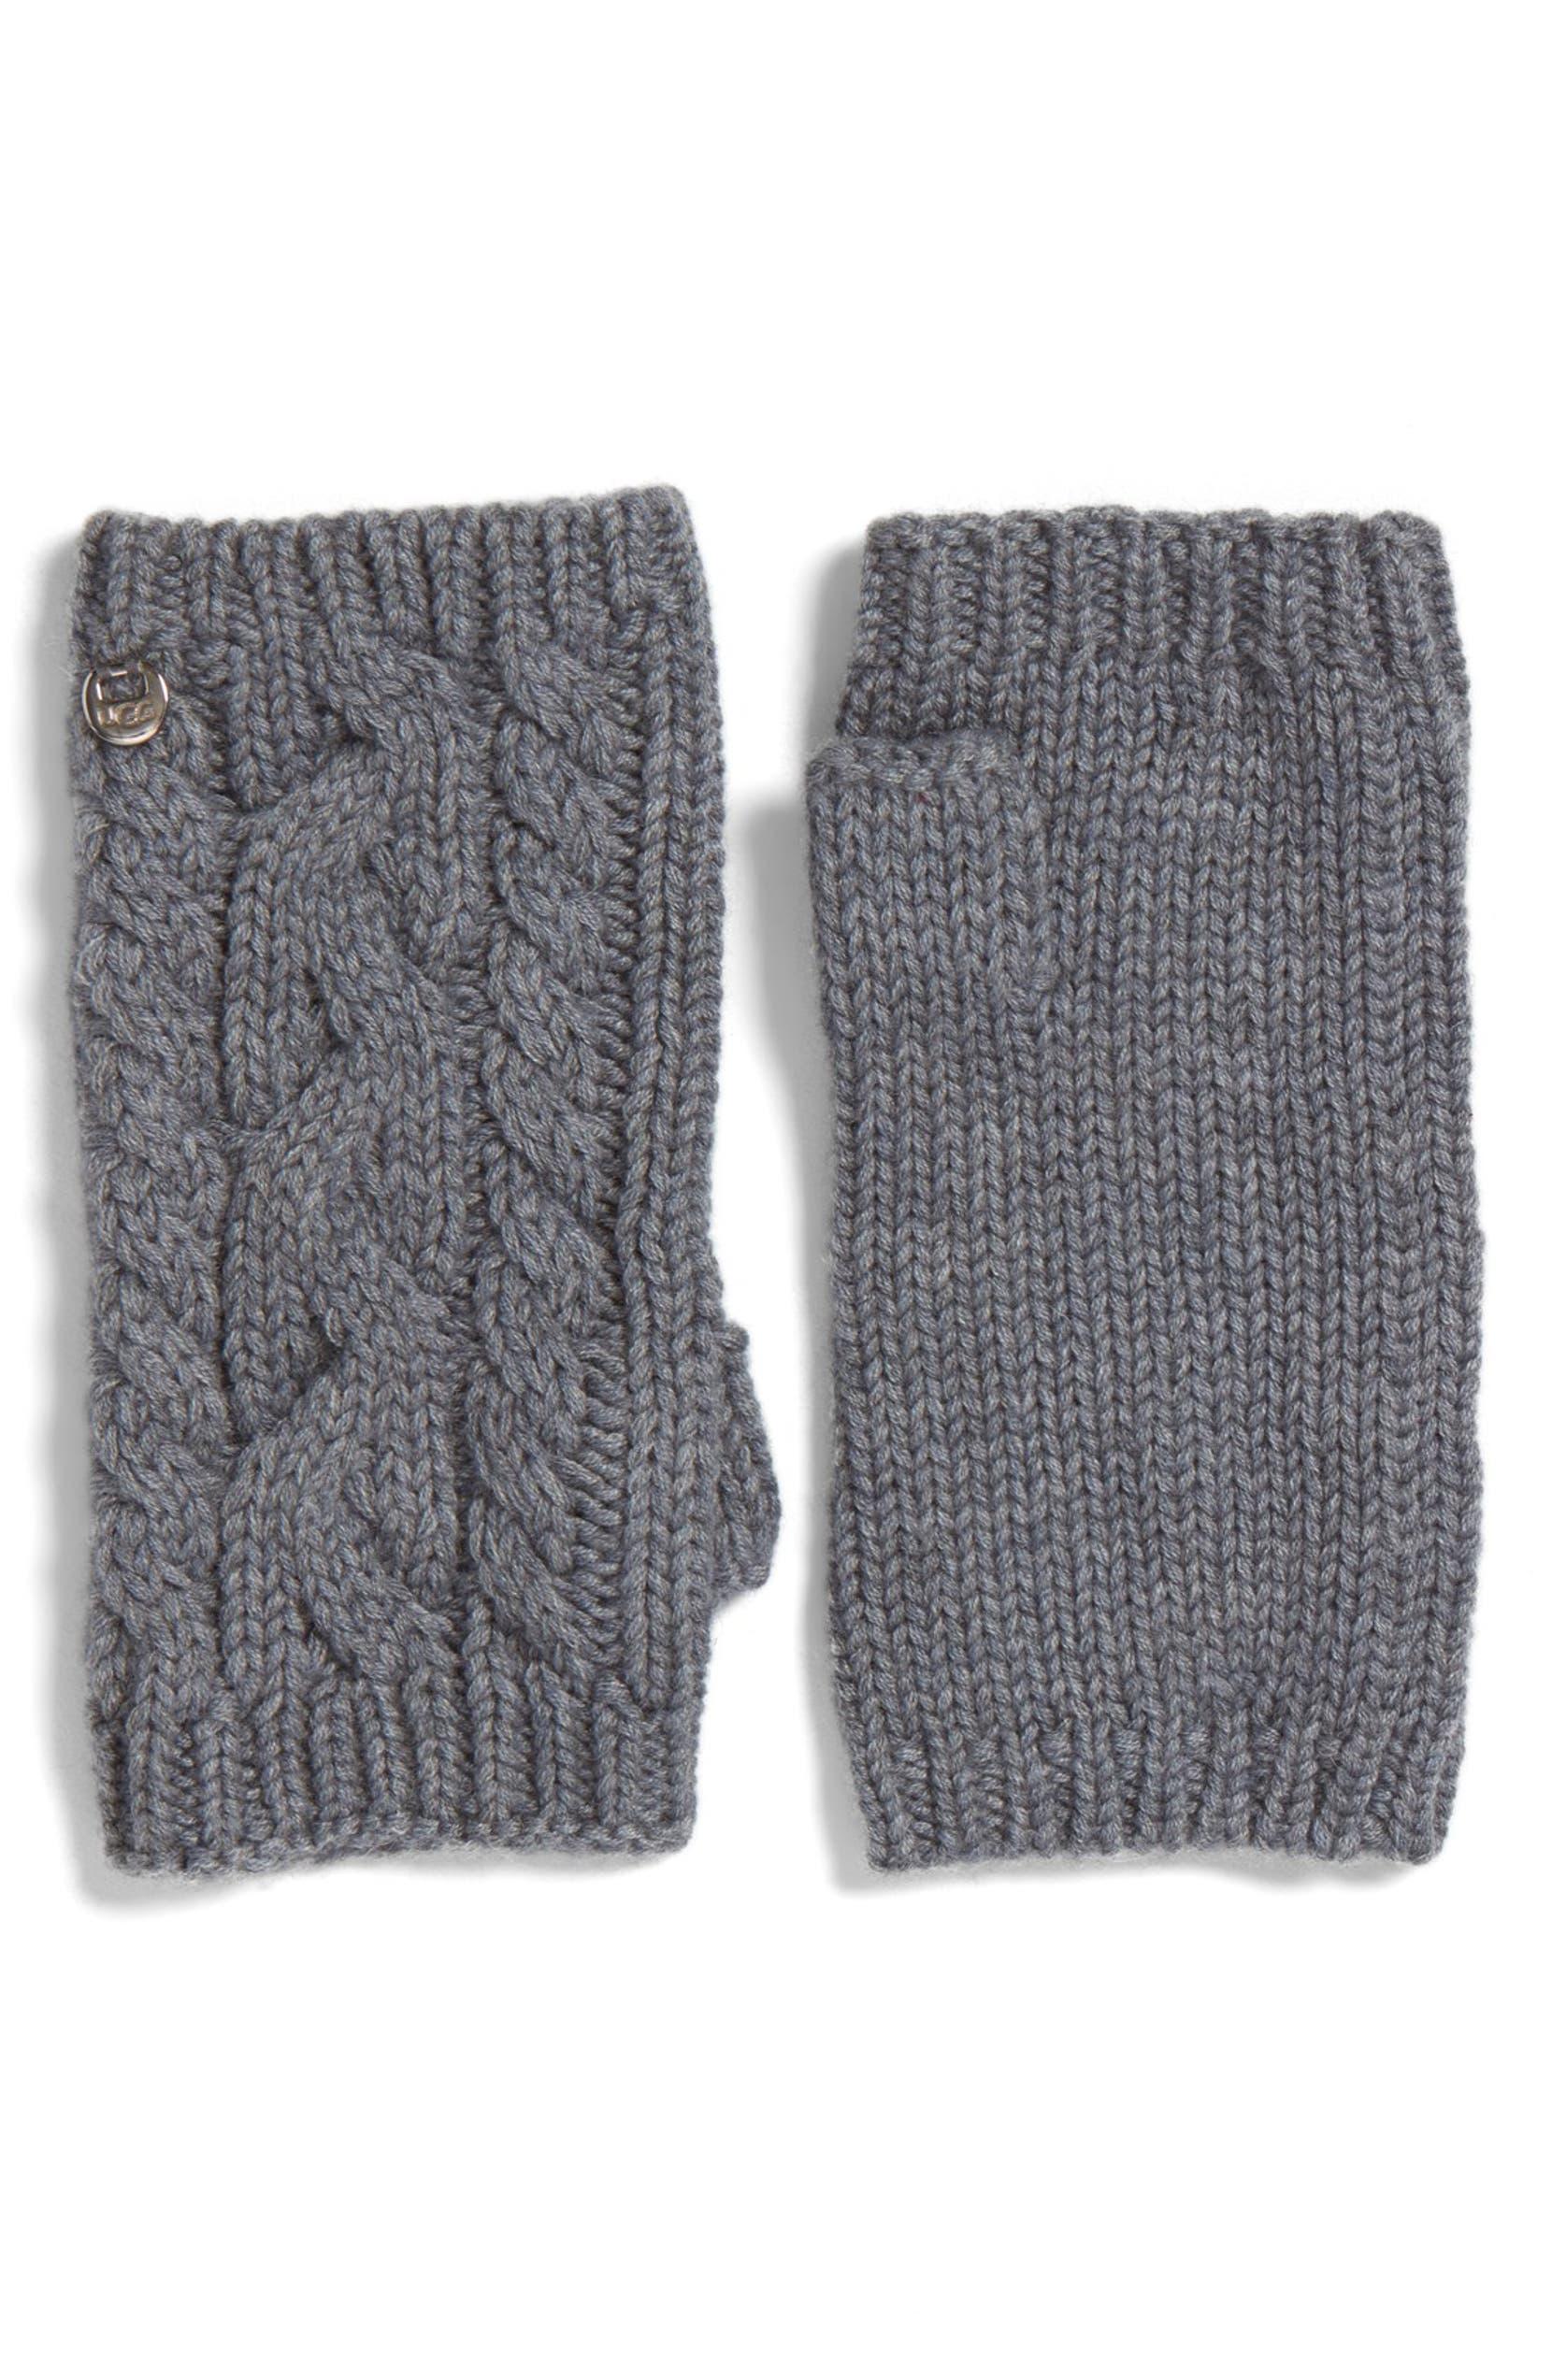 Ugg Fingerless Gloves Uk Images